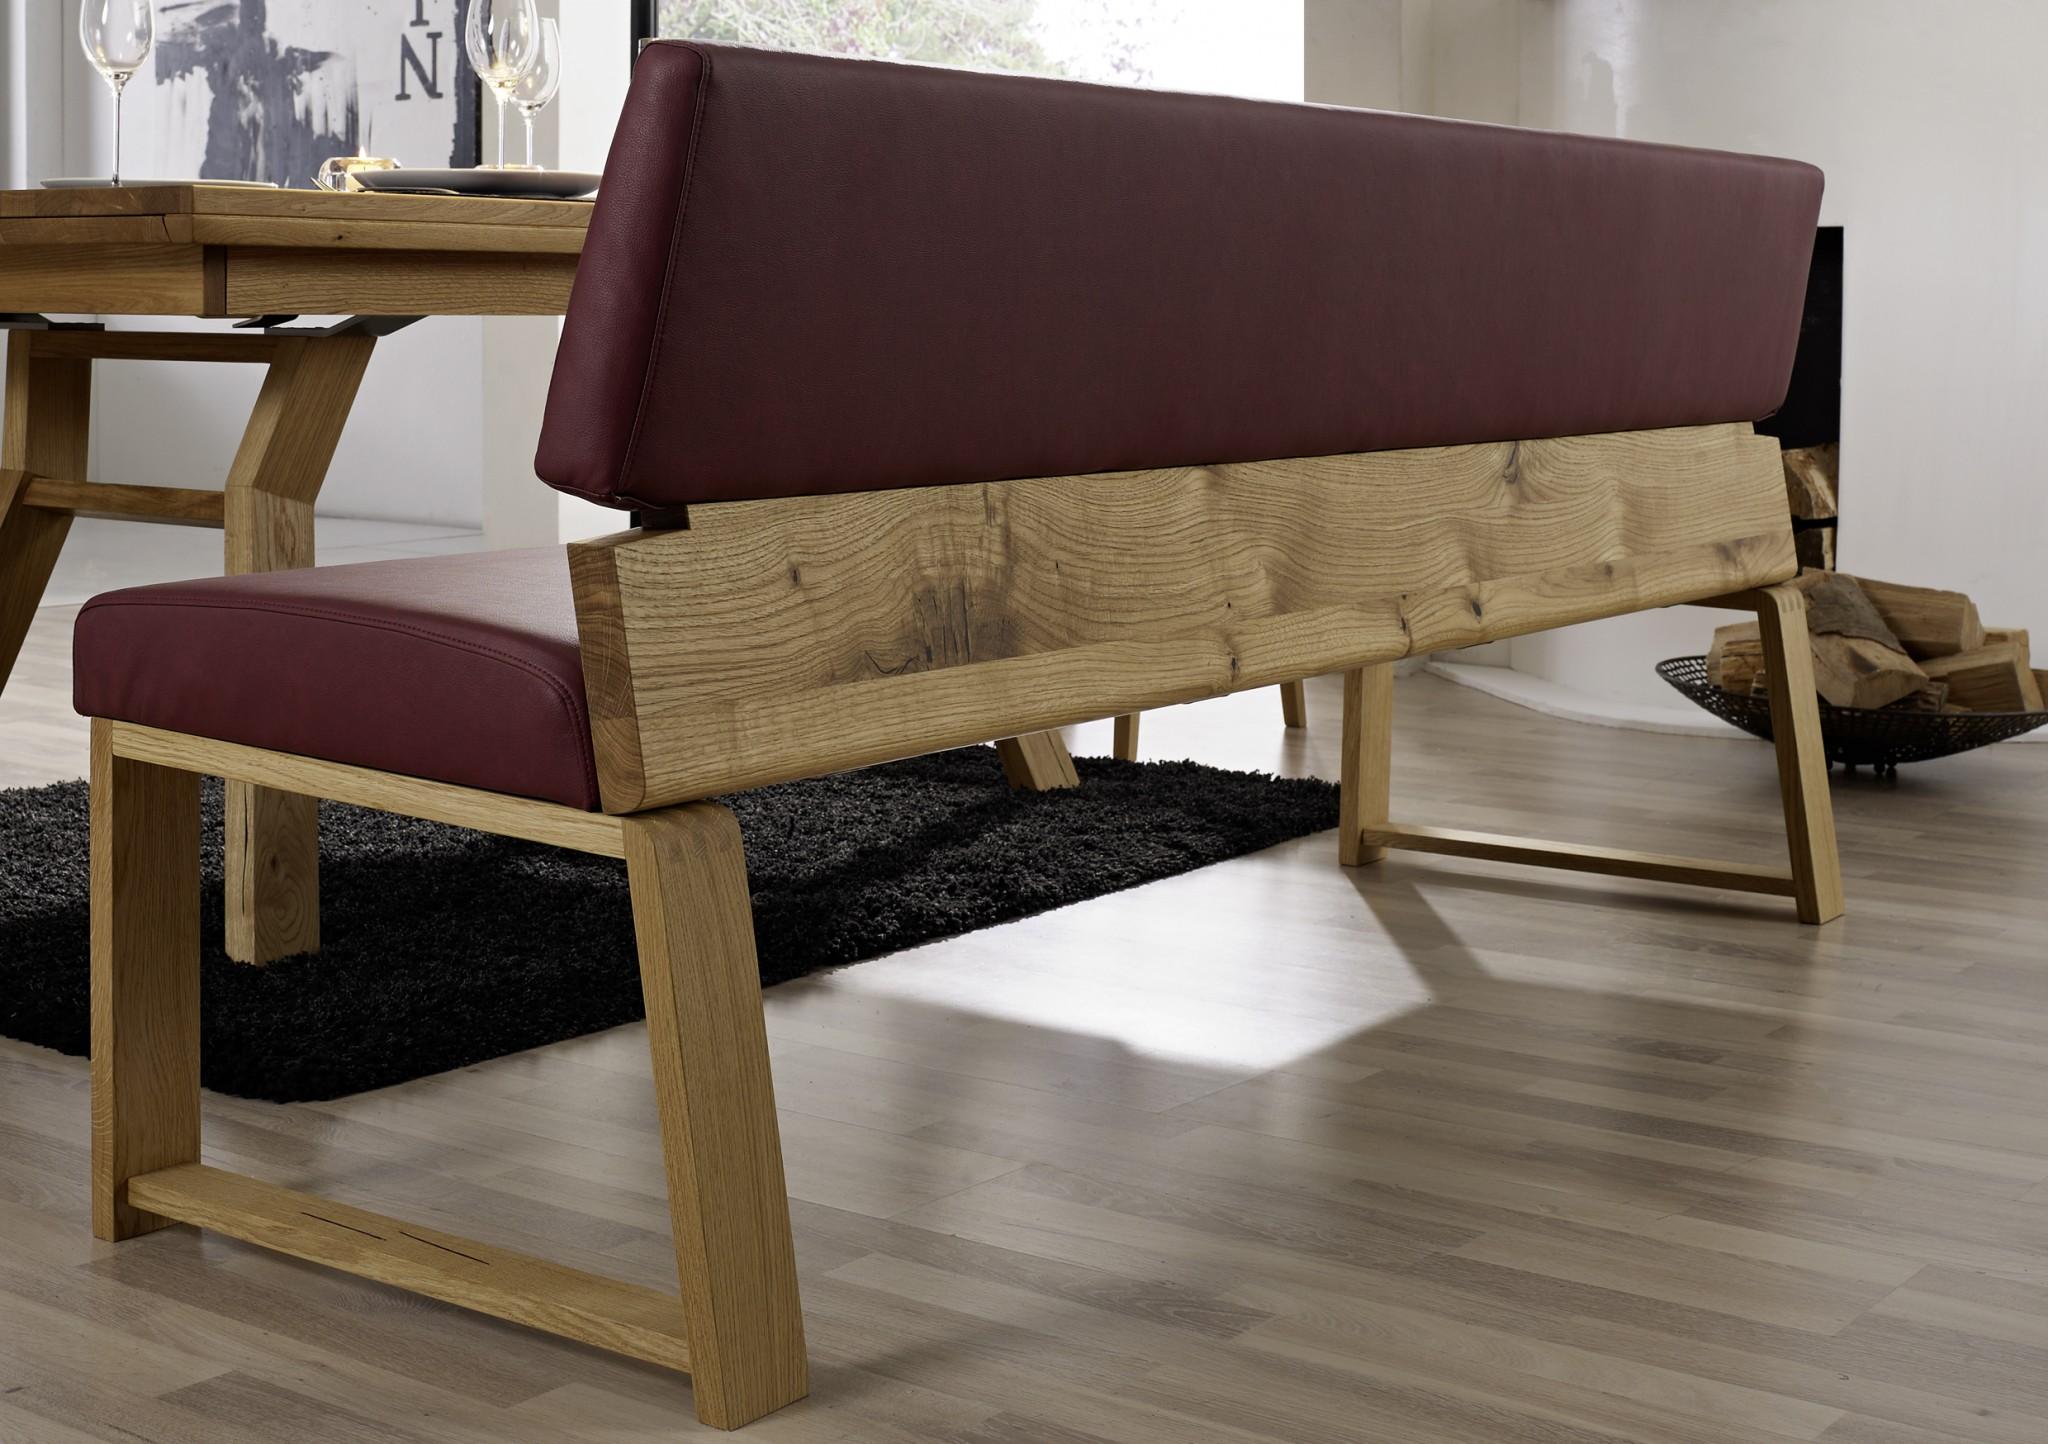 tischgruppe aurora mit einzelbank und massivholztisch ferrara m bel polt m belhaus. Black Bedroom Furniture Sets. Home Design Ideas